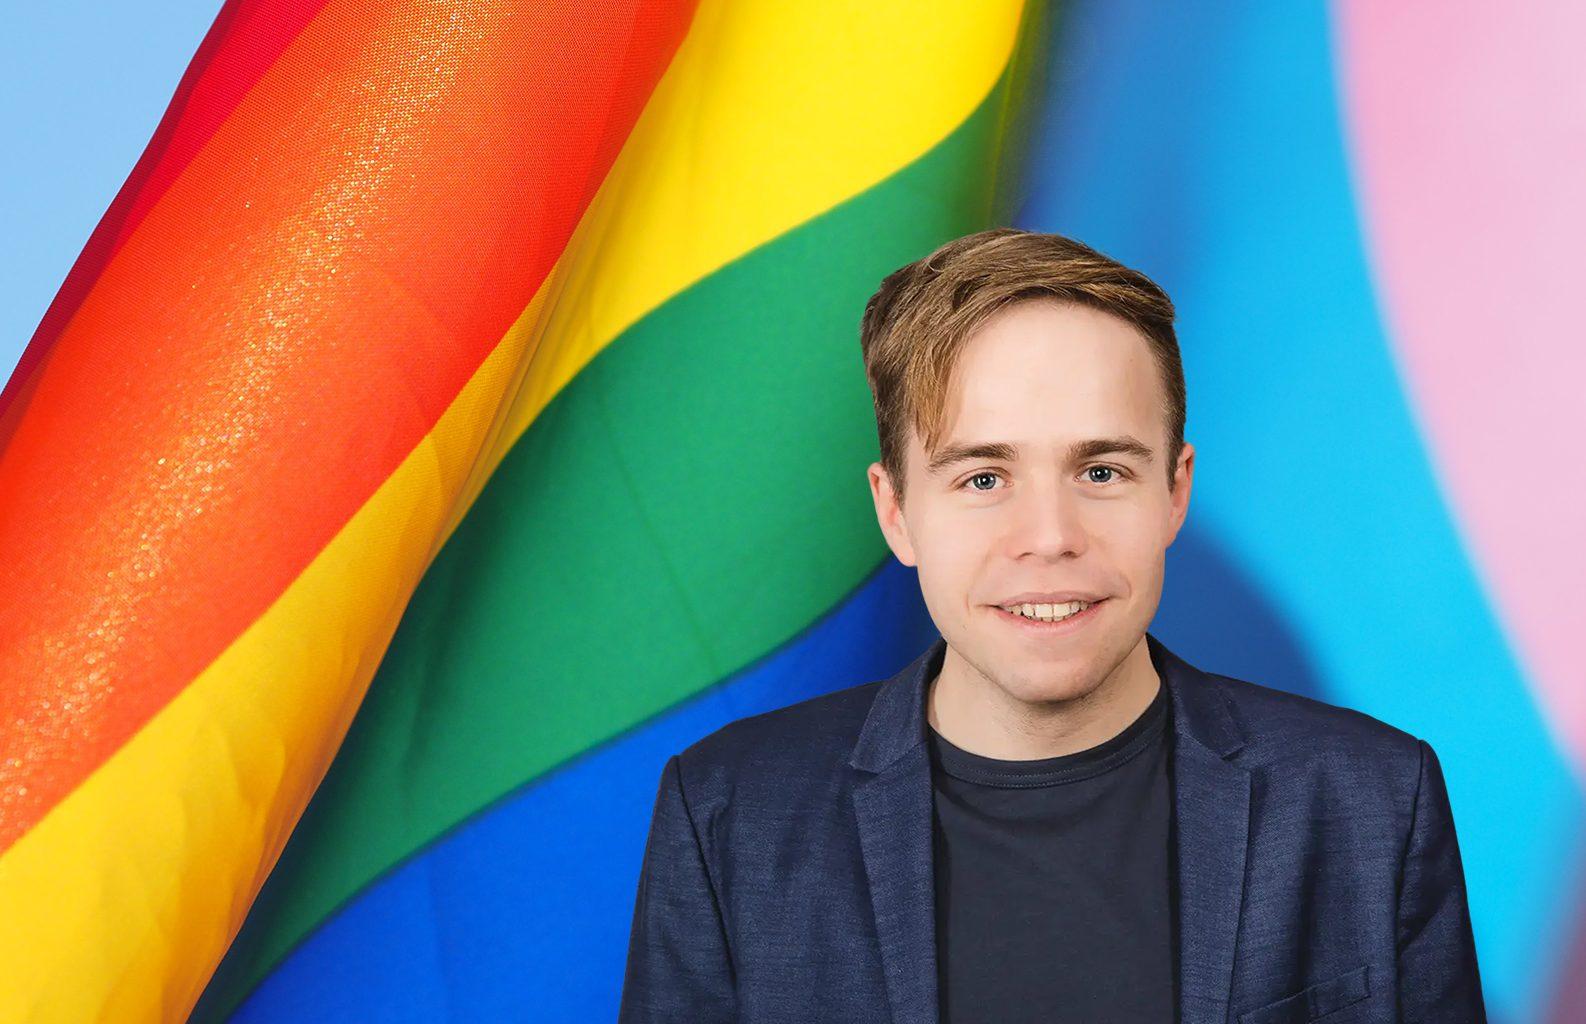 Ramus Andresen, Mitglied des Europäischen Parlaments - Foto: Fenja Hardel